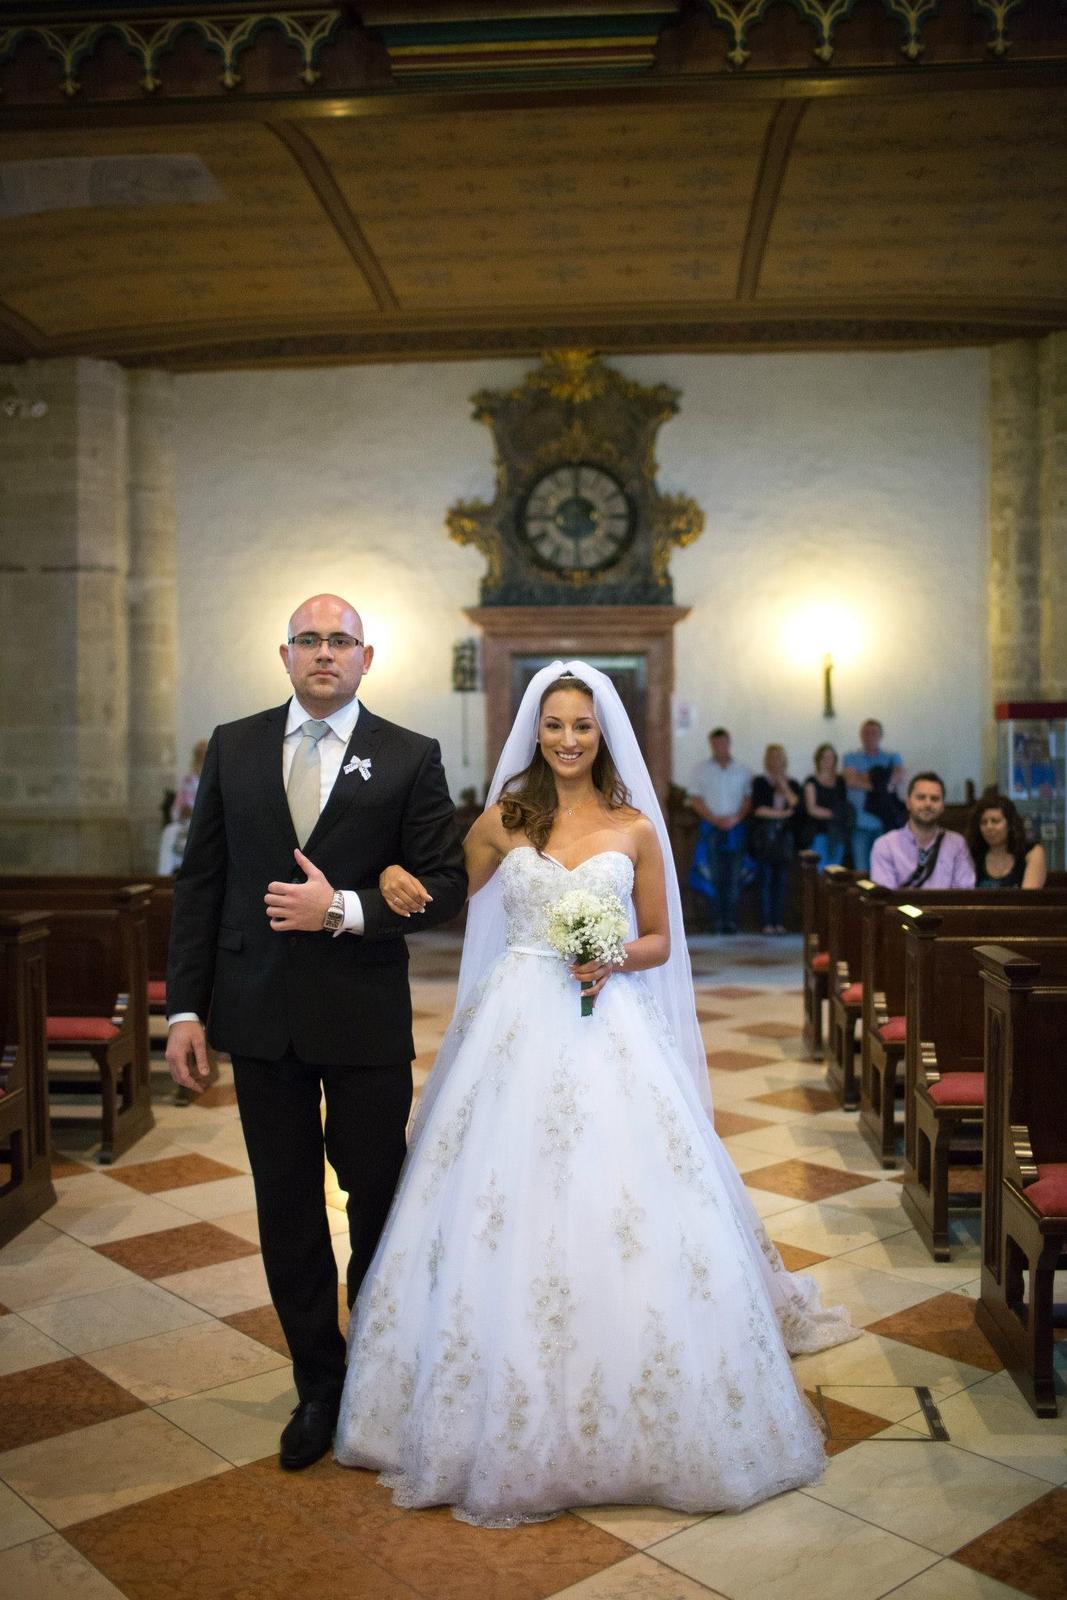 Sandra {{_AND_}}Anton - k oltaru ma odprevadzal skvely priatel mojho manzela... najlepsi druzba :D vidite ako zladil kravatu s aplikaciami na mojich satach? to som si uvedomila az na fotkach po svadbe :D